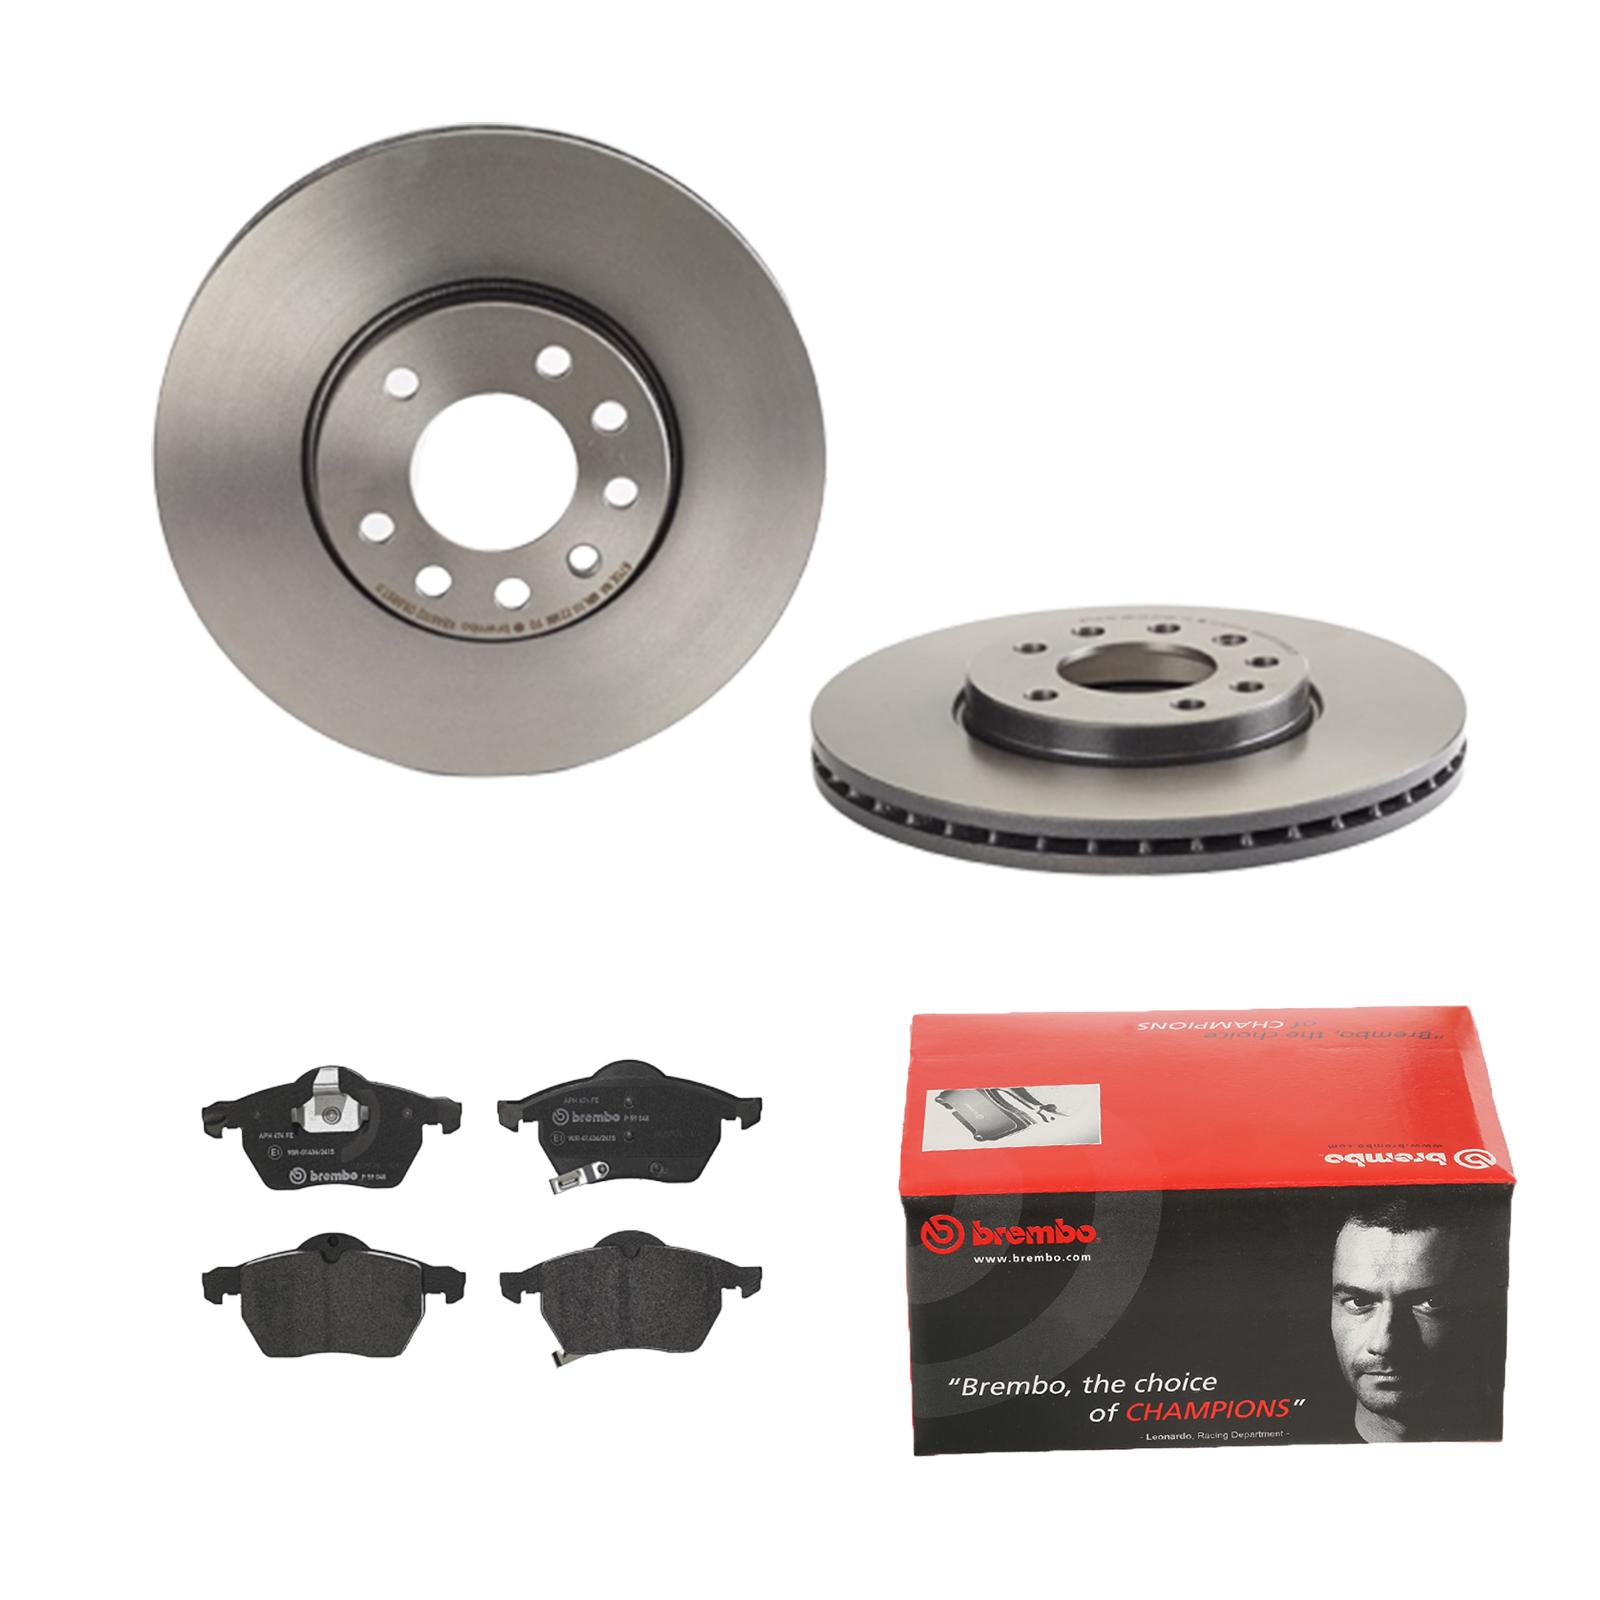 Brembo | 2 Bremsscheiben COATED DISC LINE belüftet Ø288 mm + Bremsbeläge vorne